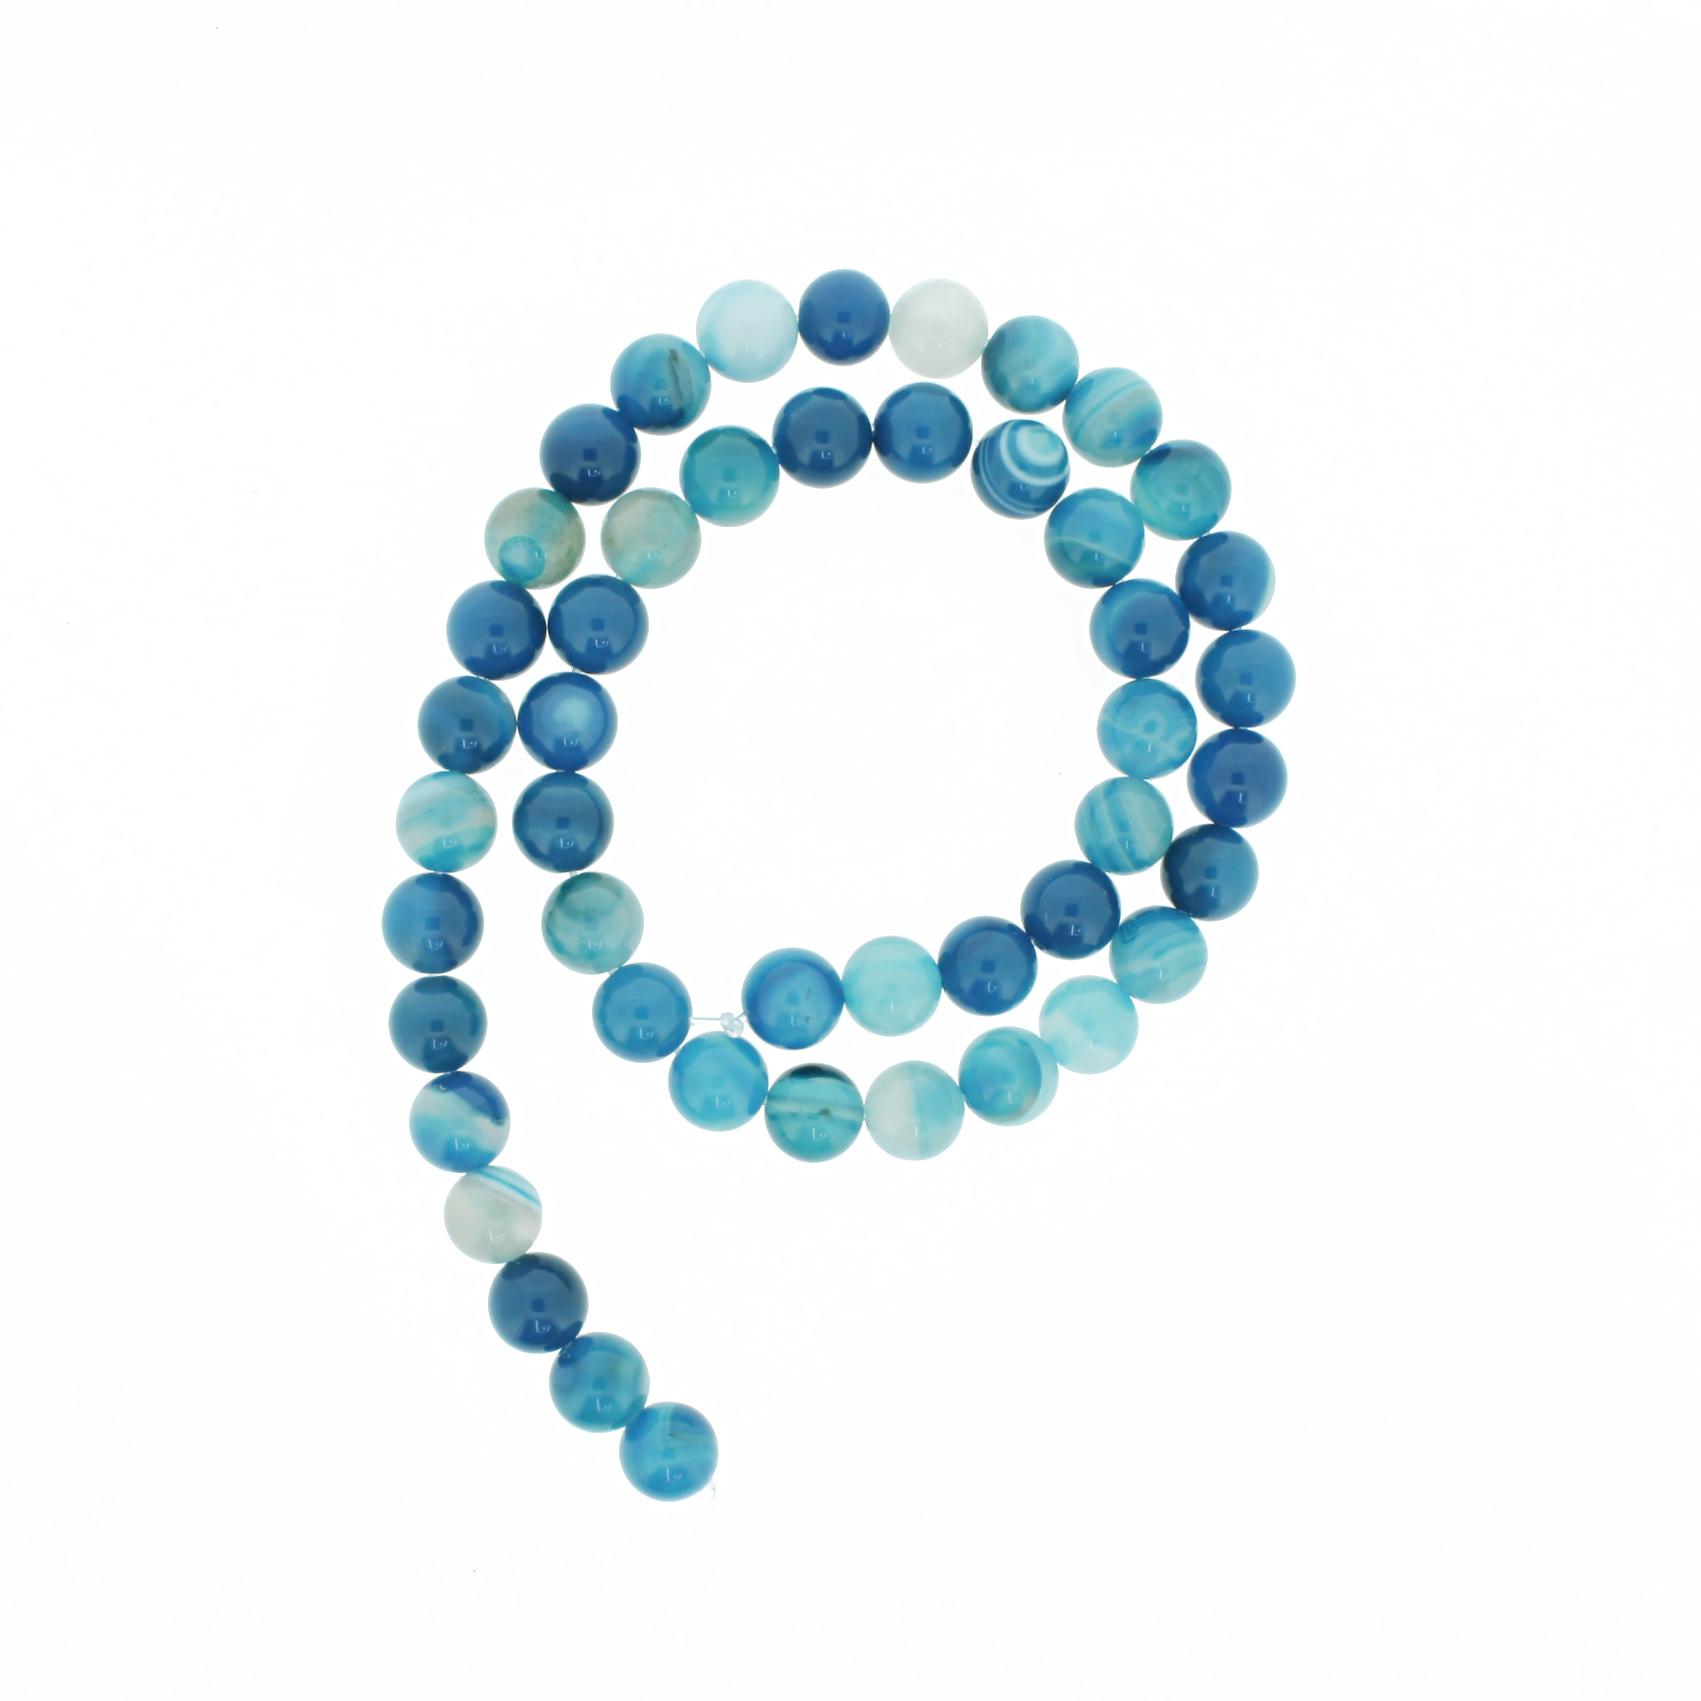 Fio de Pedra - Pietra® - Ágata Azul Claro - 8mm  - Universo Religioso® - Artigos de Umbanda e Candomblé